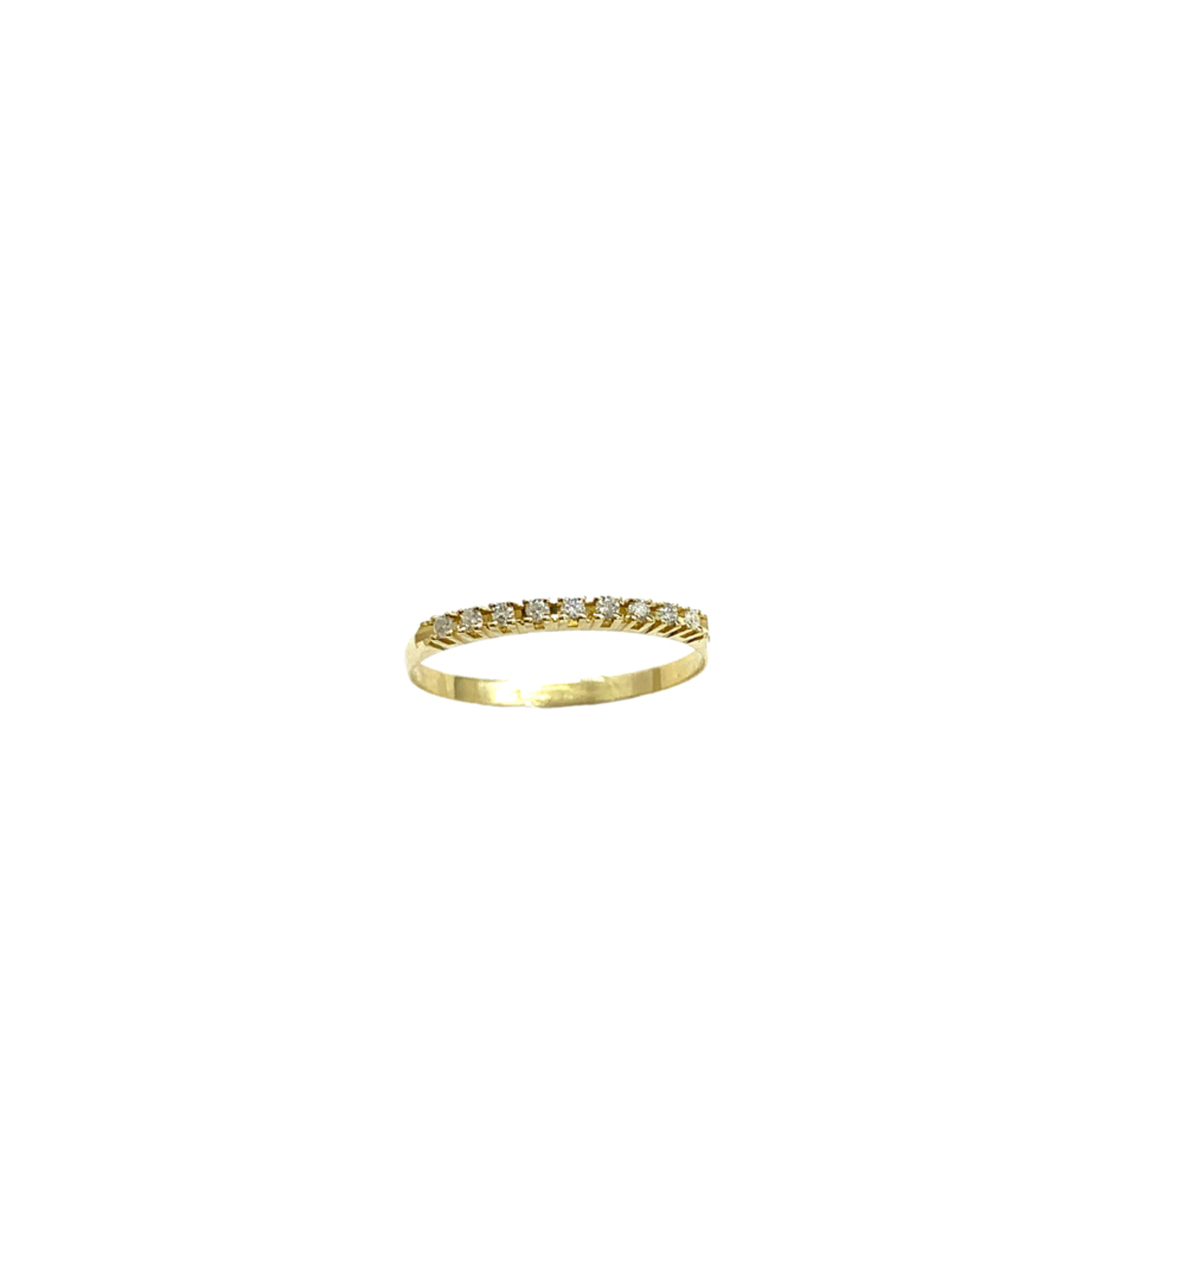 Meia Aliança Ouro 18k Cravejada Jjoias Premium